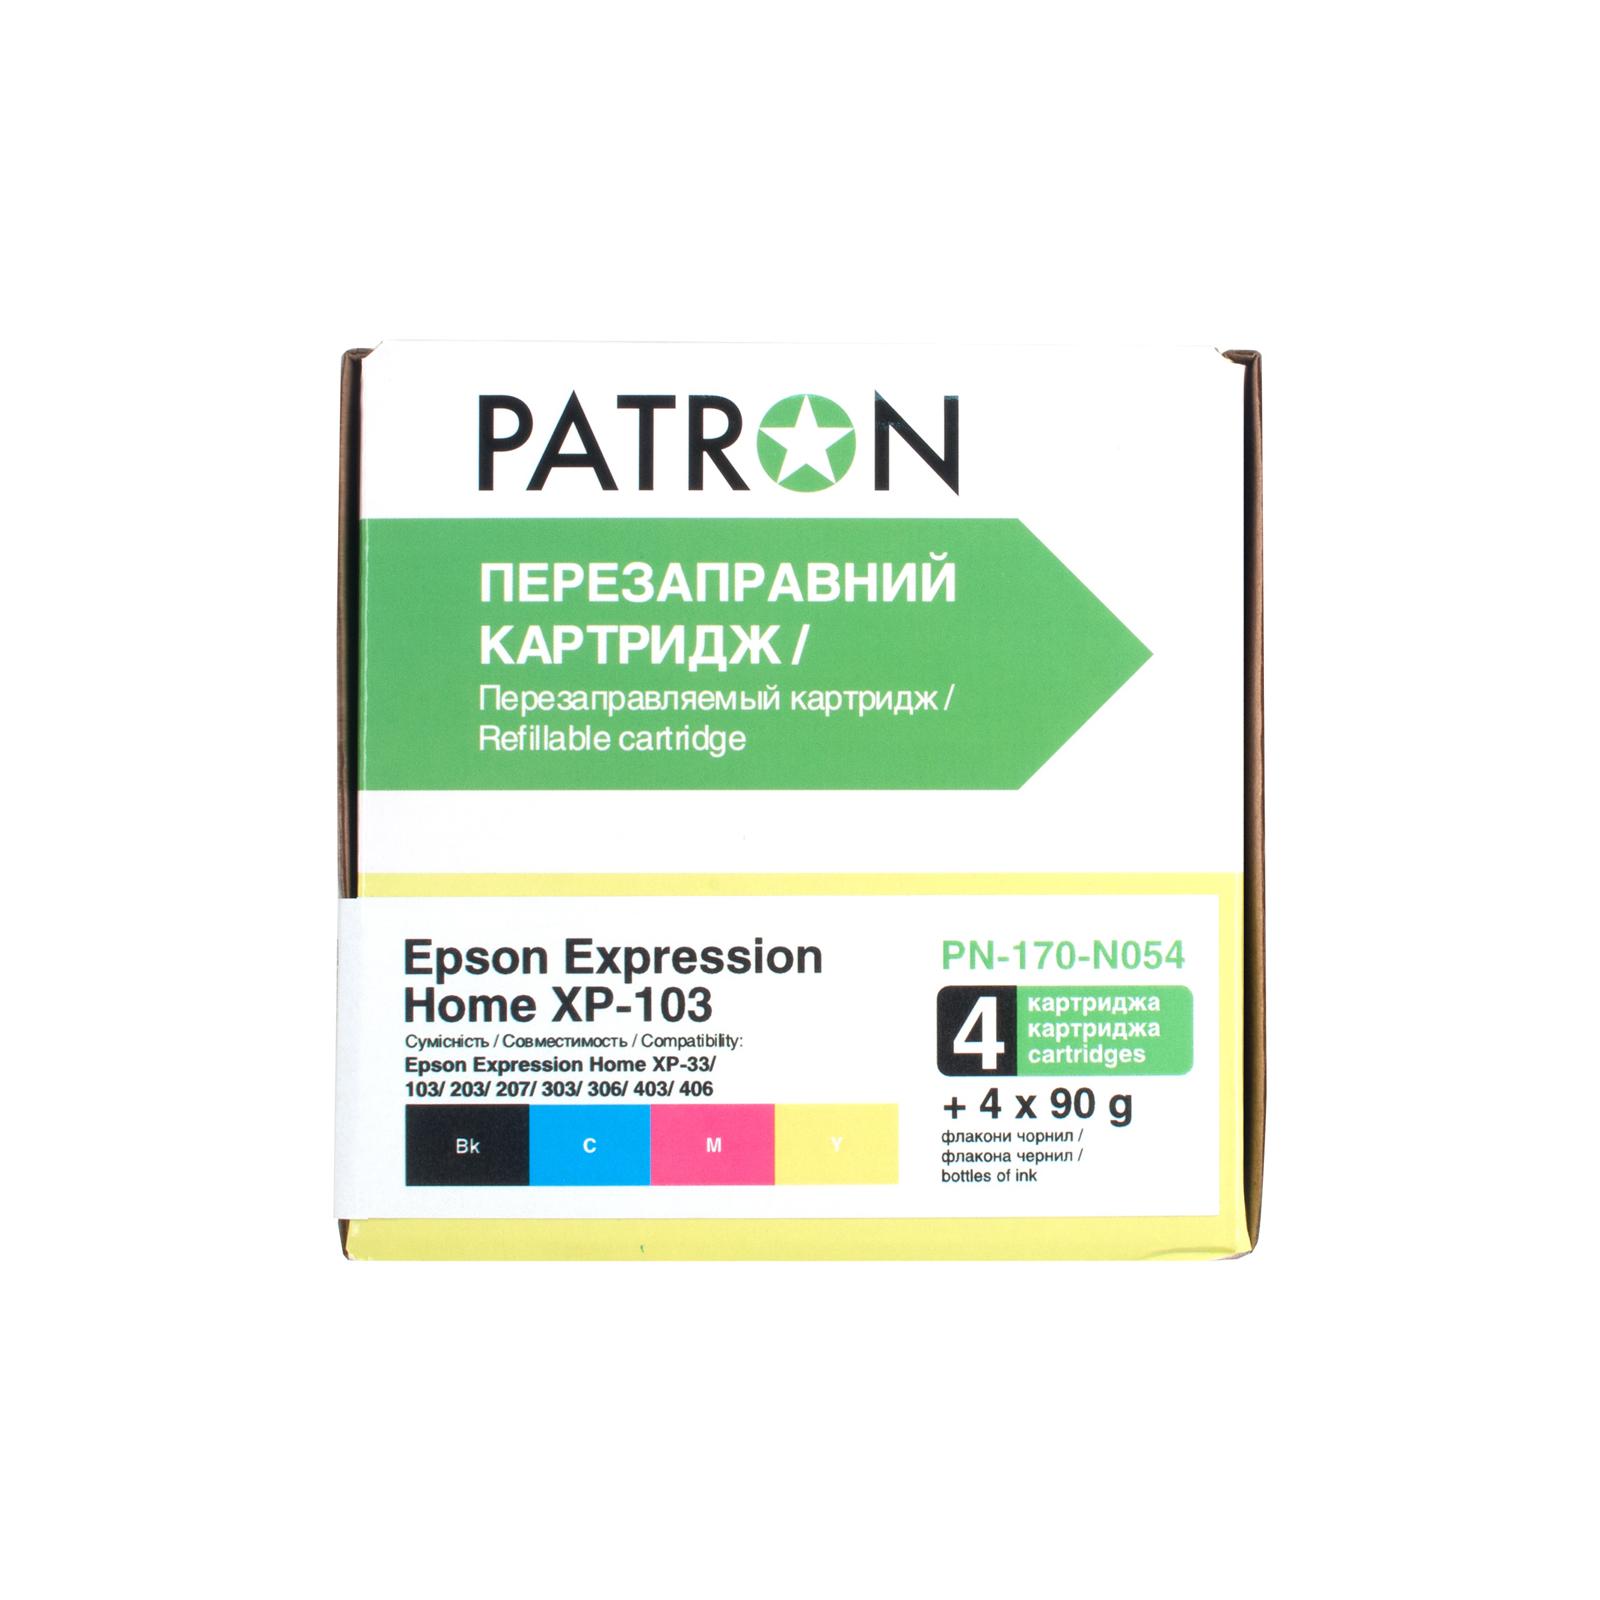 Комплект перезаправляемых картриджей PATRON Epson XP-33/103/203/207/303/306/403/406 (CIR-PN-ET170-054) изображение 2